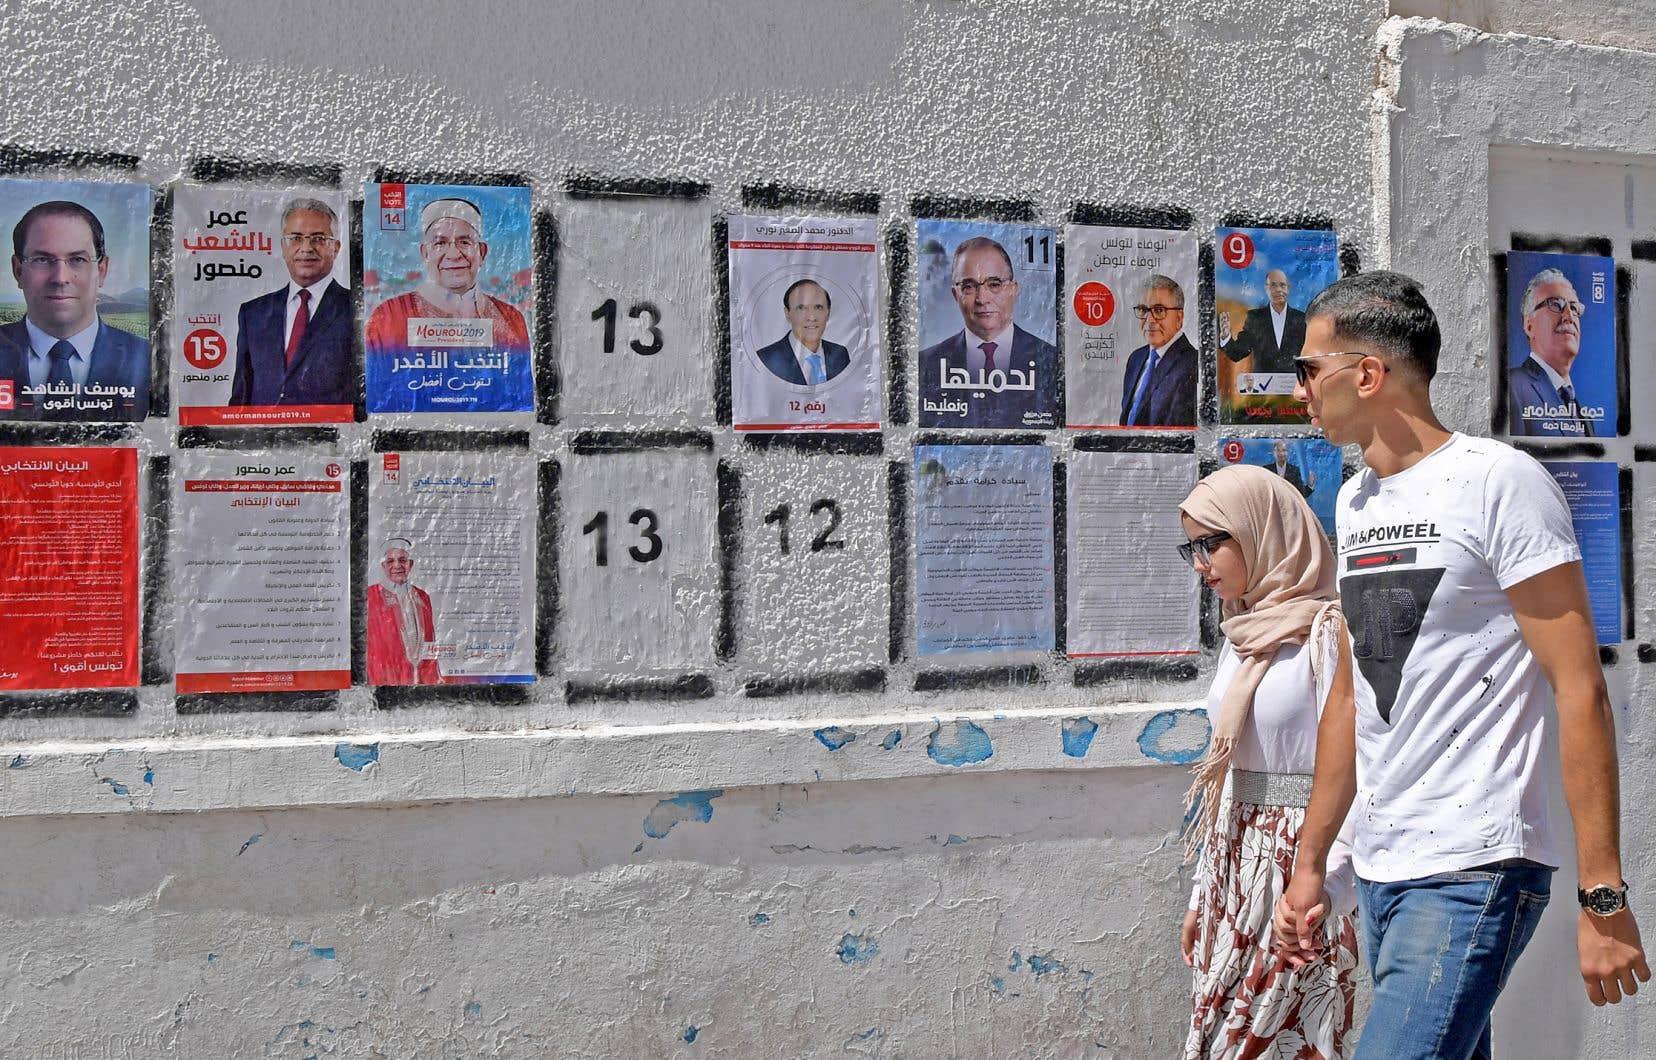 Une demi-douzaine de formations politiques, islamistes, laïques, populistes ou liées à l'ancien régime vont devoir s'entendre pour partager le pouvoir.